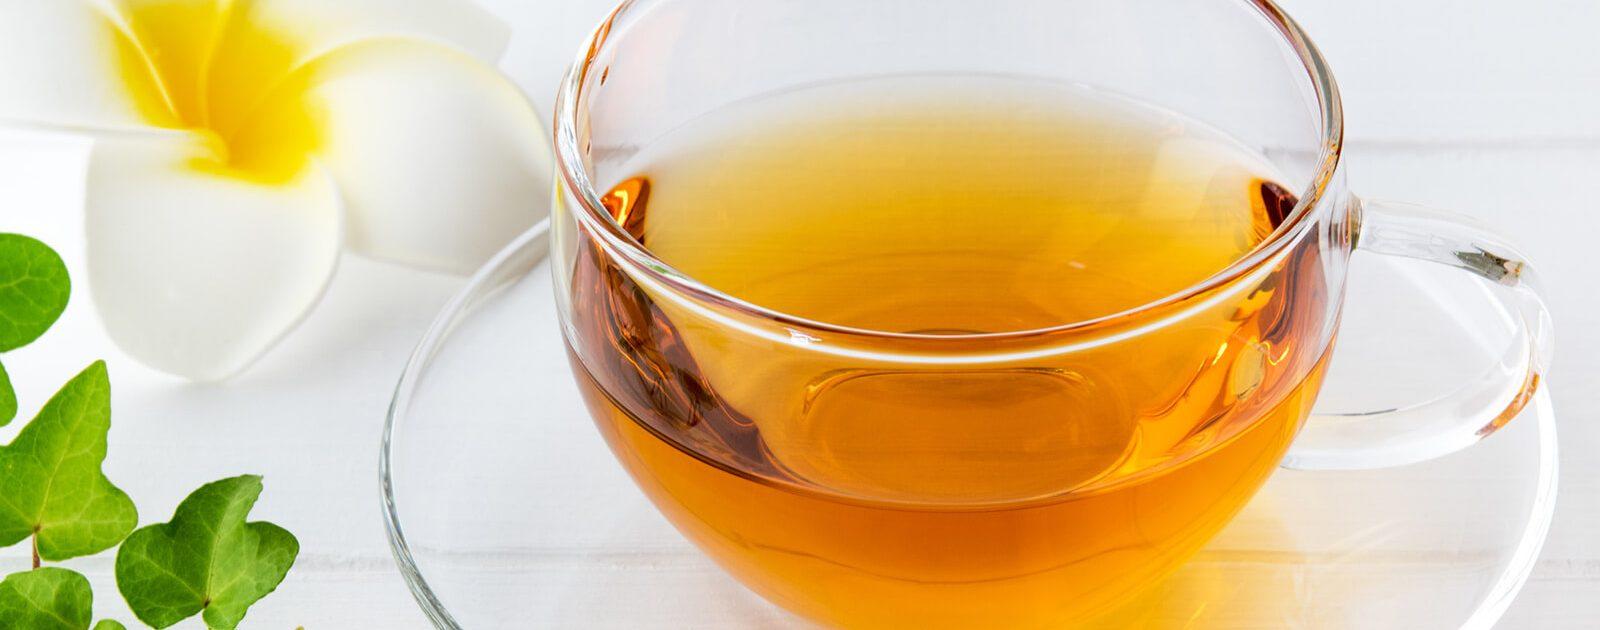 Frisch gebrühter schwarzer Tee – ein gängiges Hausmittel gegen Durchfall.